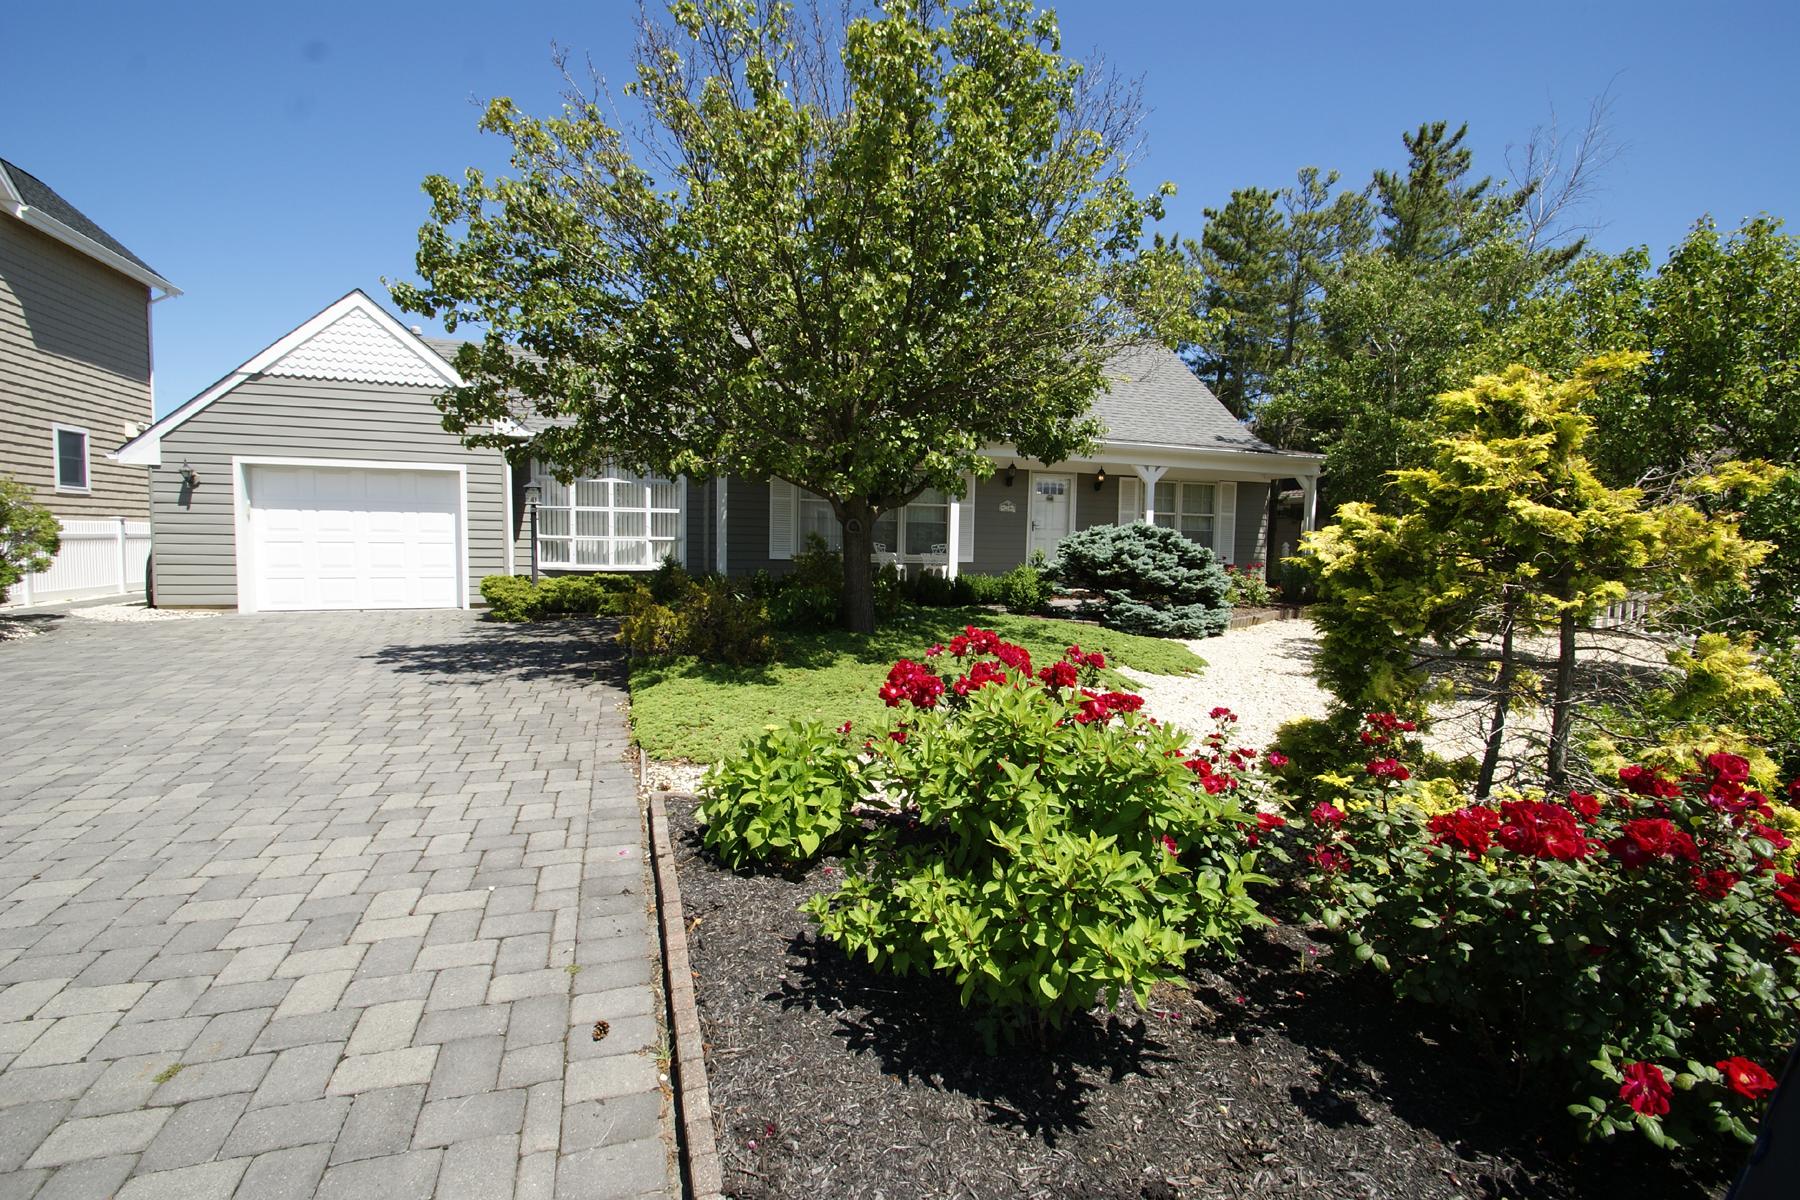 Maison unifamiliale pour l Vente à Beautifully Redone Waterfront Cape 224 Buccaneer Way Mantoloking, New Jersey 08738 États-Unis